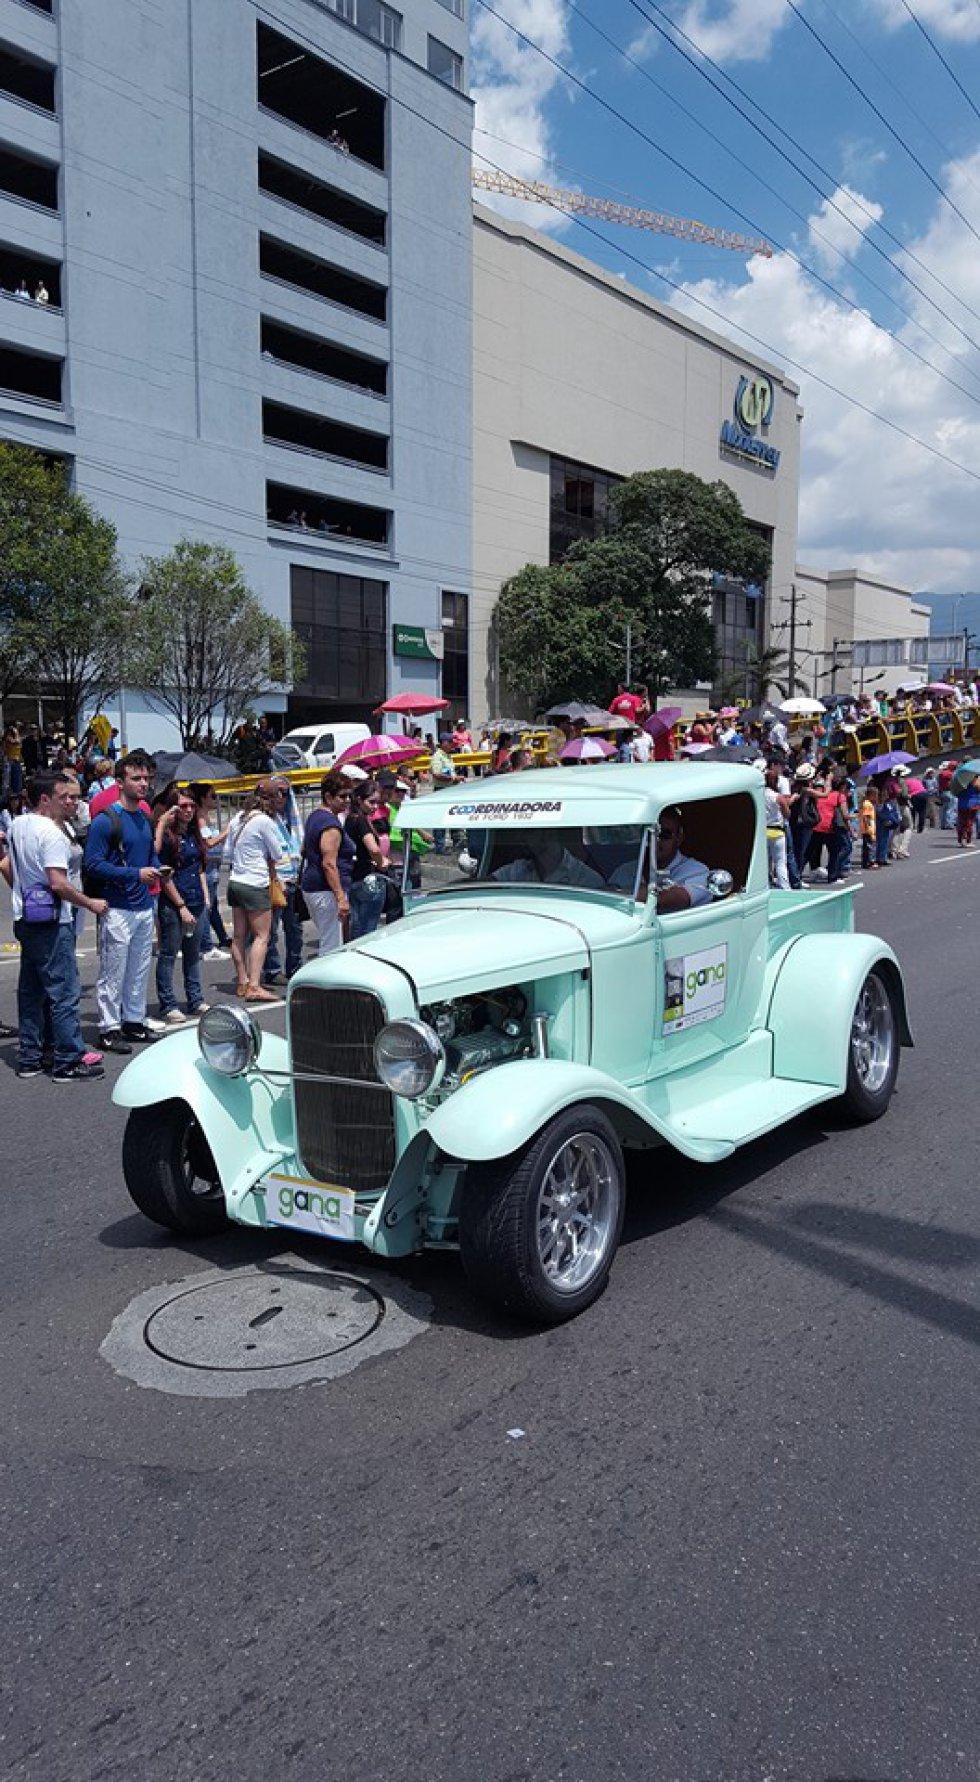 Como es tradición, carros de todas las marcas se ven durante la icónica jornada.